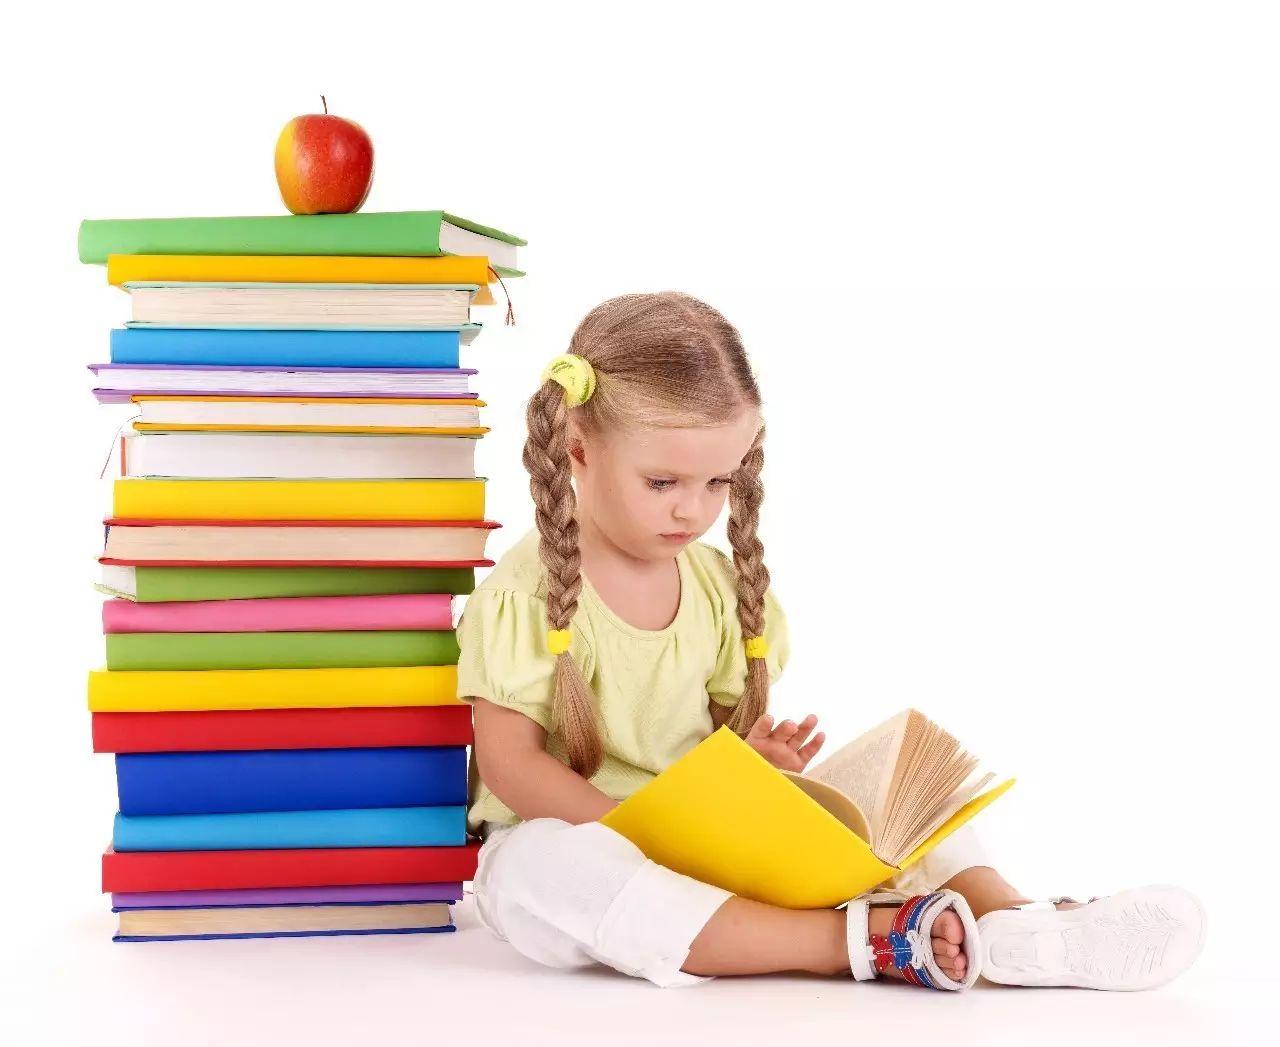 Правила этикета для детей - советы для родителей